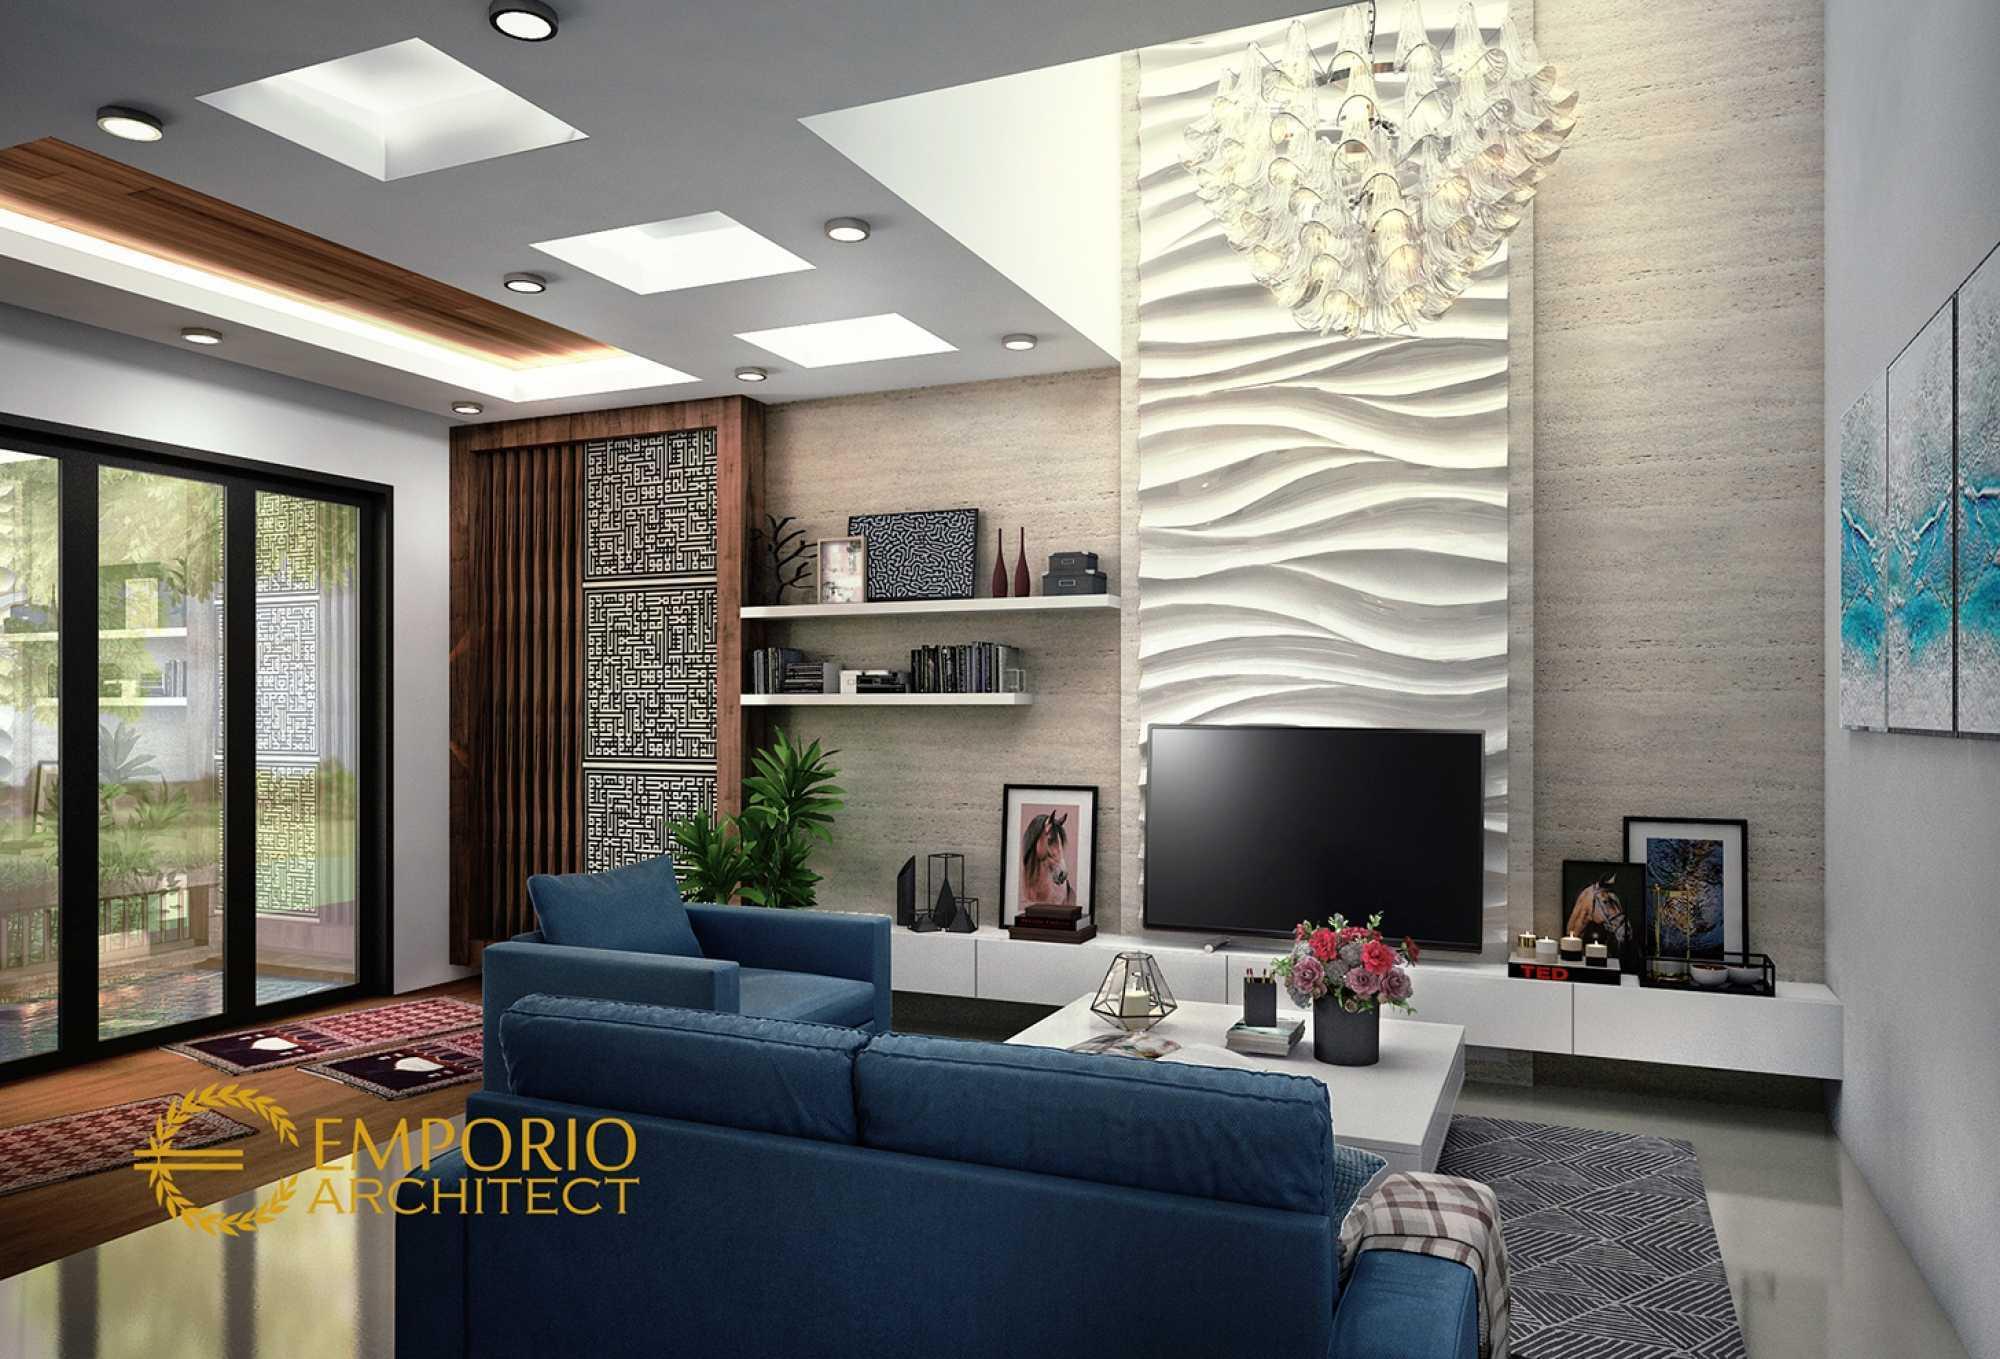 Emporio Architect Desain Rumah Modern Tropis 415  @ Tangerang Tangerang, Kota Tangerang, Banten, Indonesia Tangerang, Kota Tangerang, Banten, Indonesia Emporio-Architect-Desain-Rumah-Modern-Tropis-415-Tangerang  74924